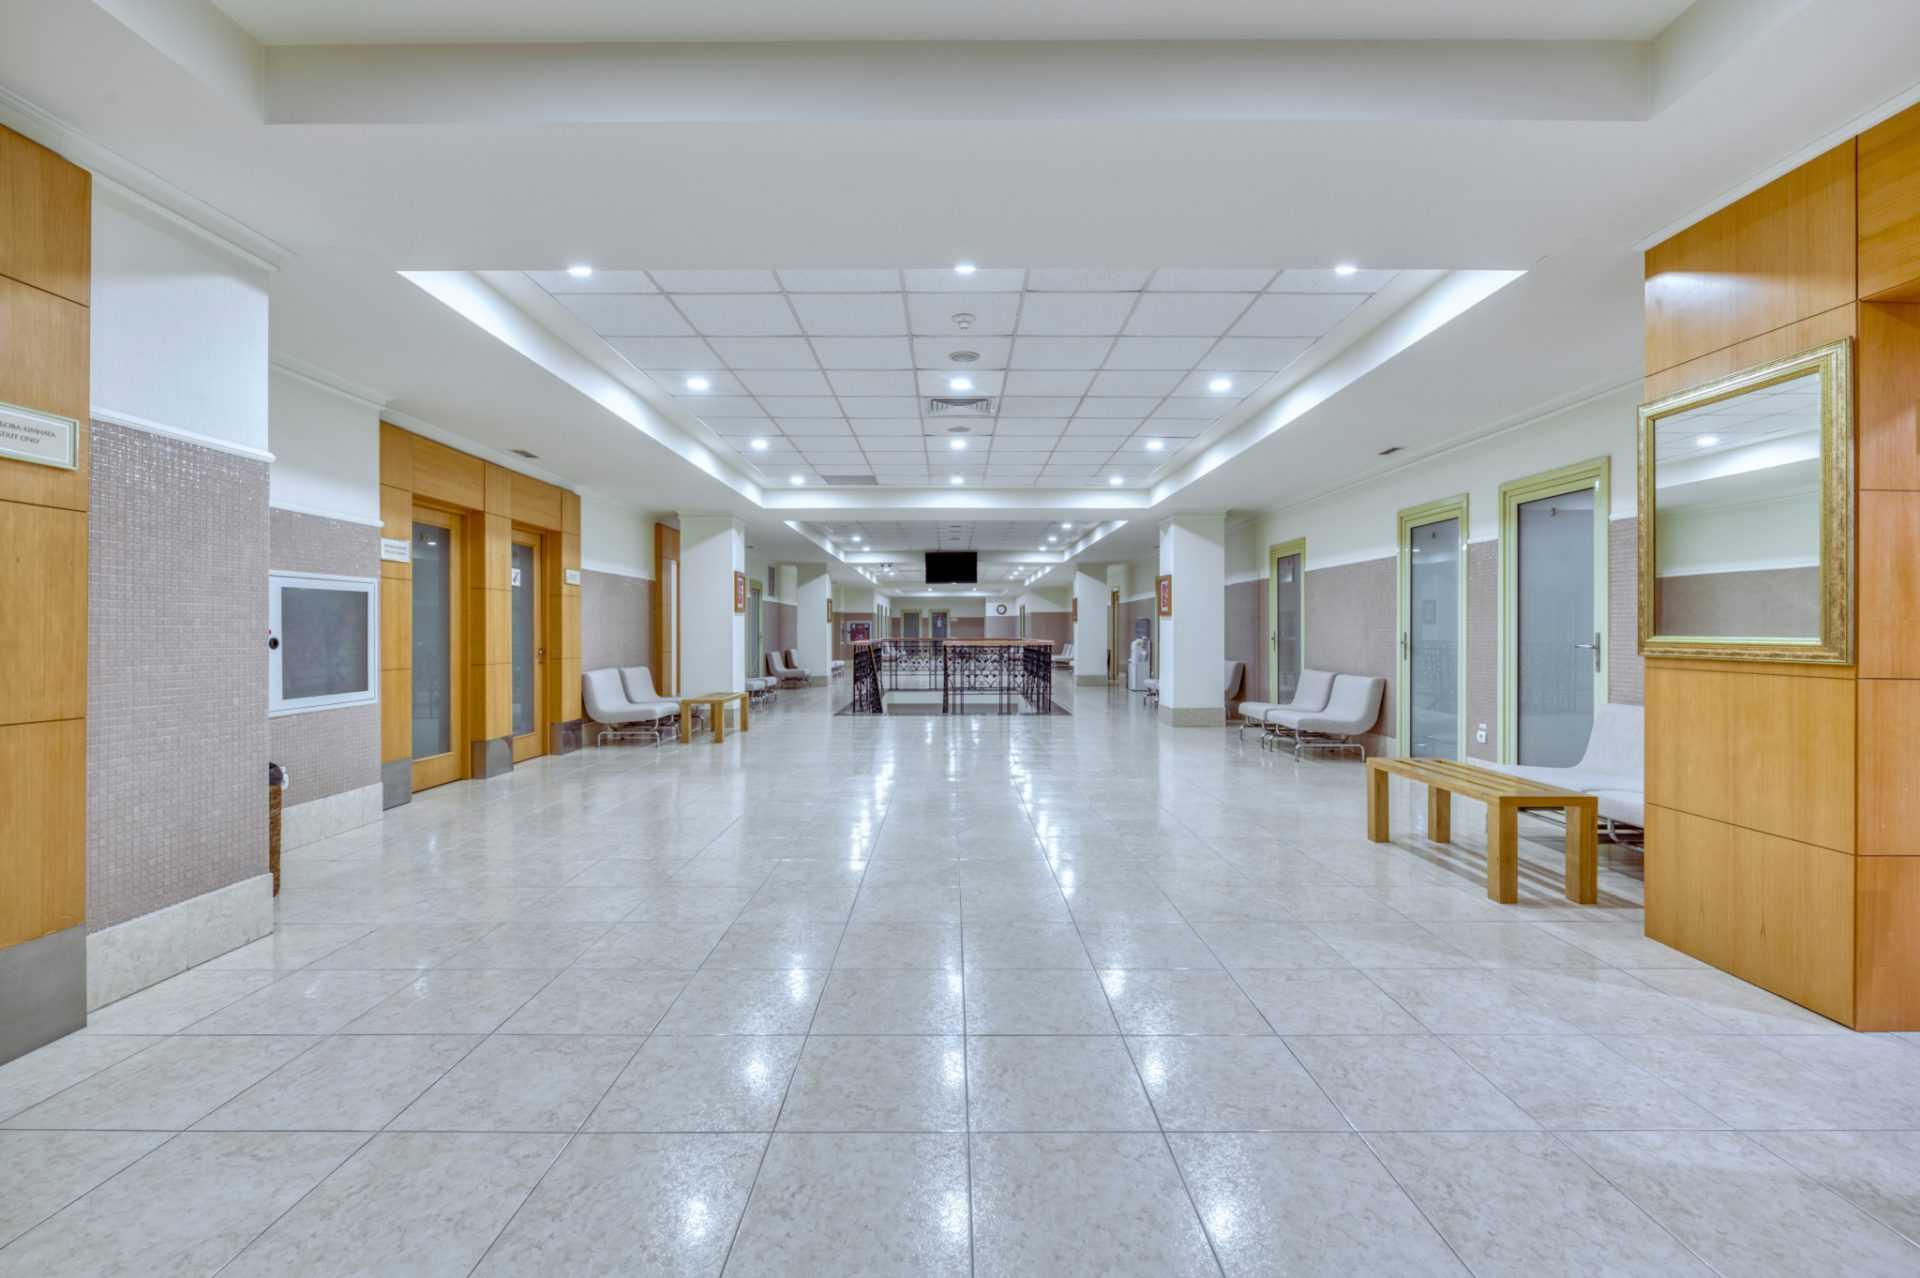 Естетична медицина, готель Ріксос, Україна